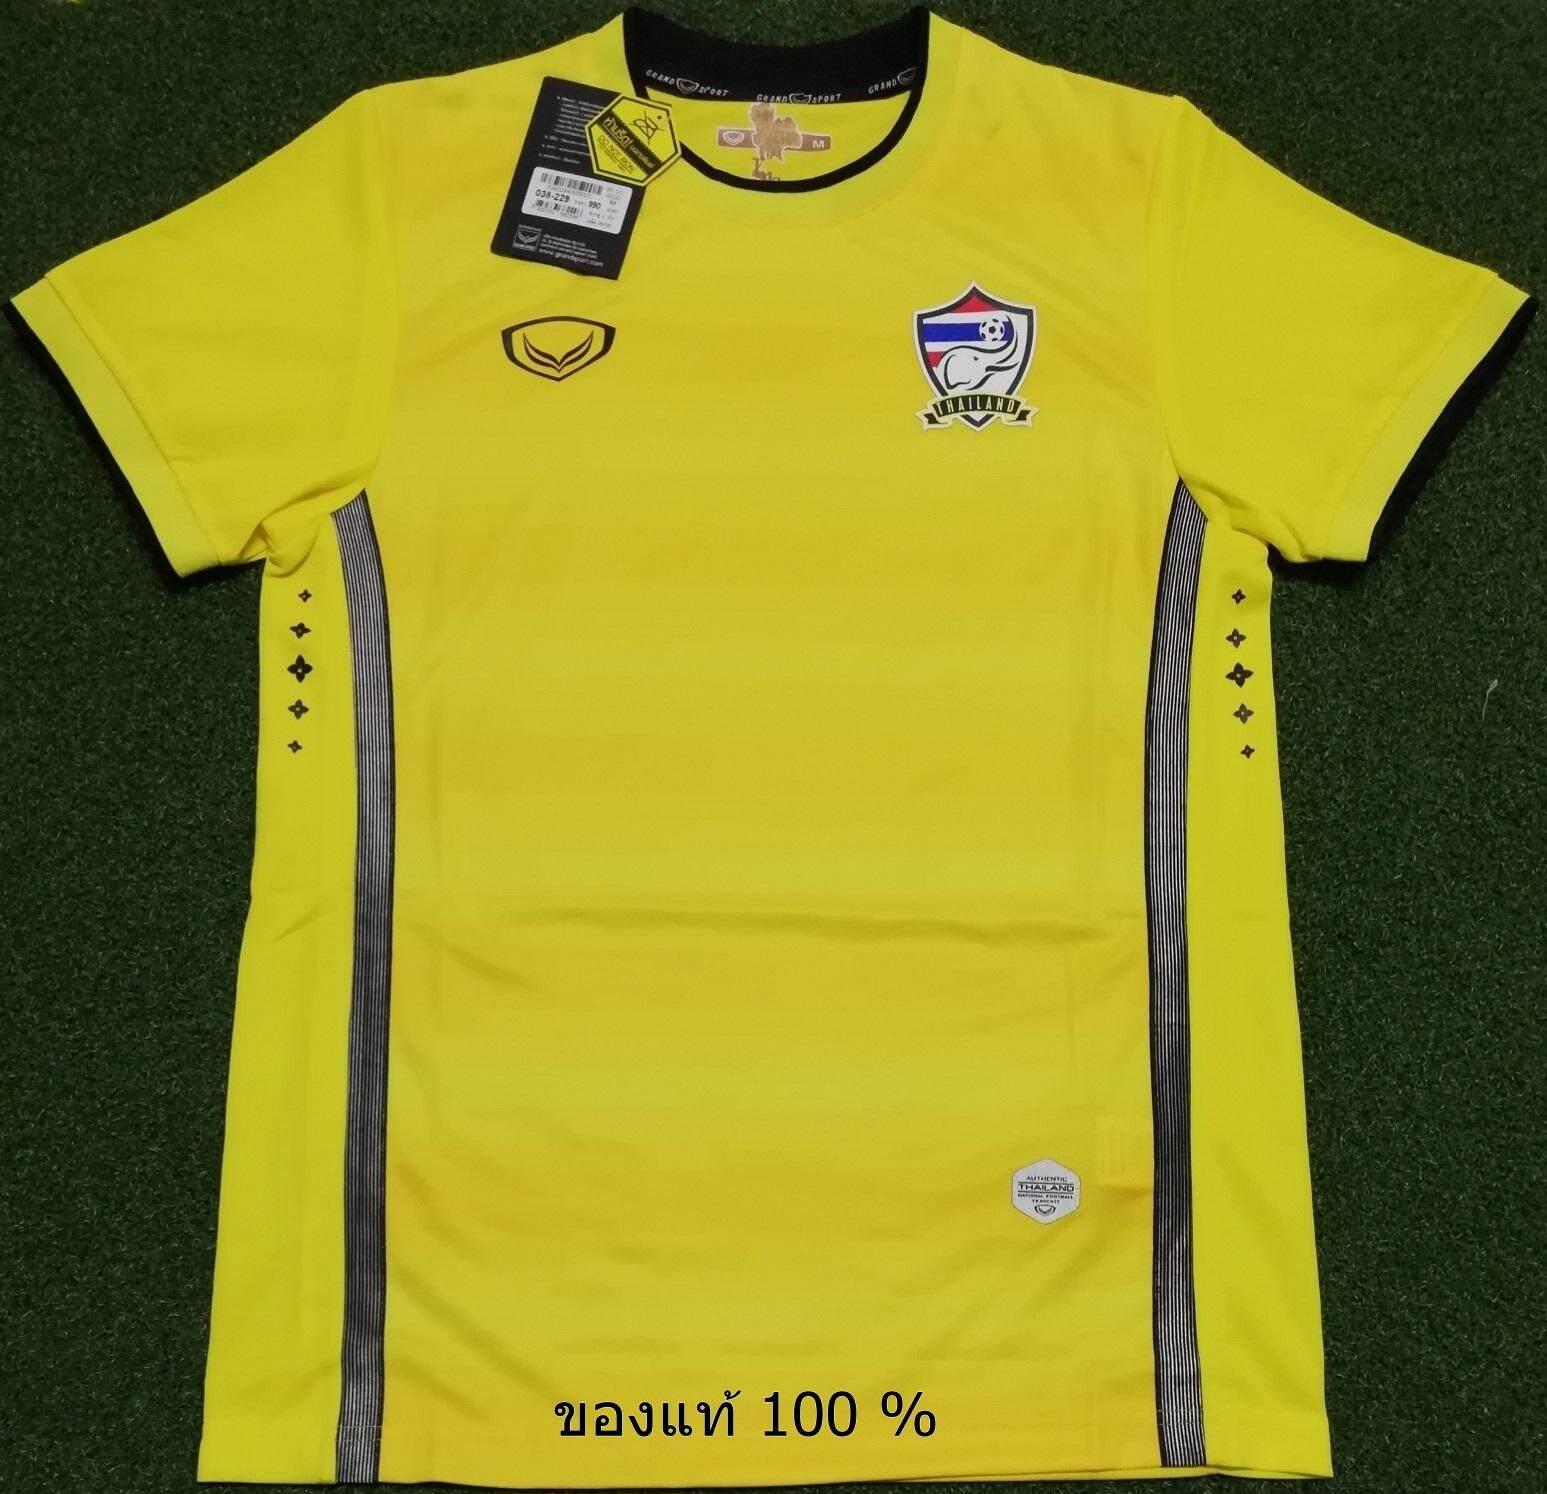 เสื้อฟุตบอล เกรดนักเตะ ทีมชาติไทย ช้างศึก ชุดผู้รักษาประตู 2014-16 สีเหลือง ใหม่ ของแท้ป้ายห้อย เสื้อกีฬา By Sports Room.